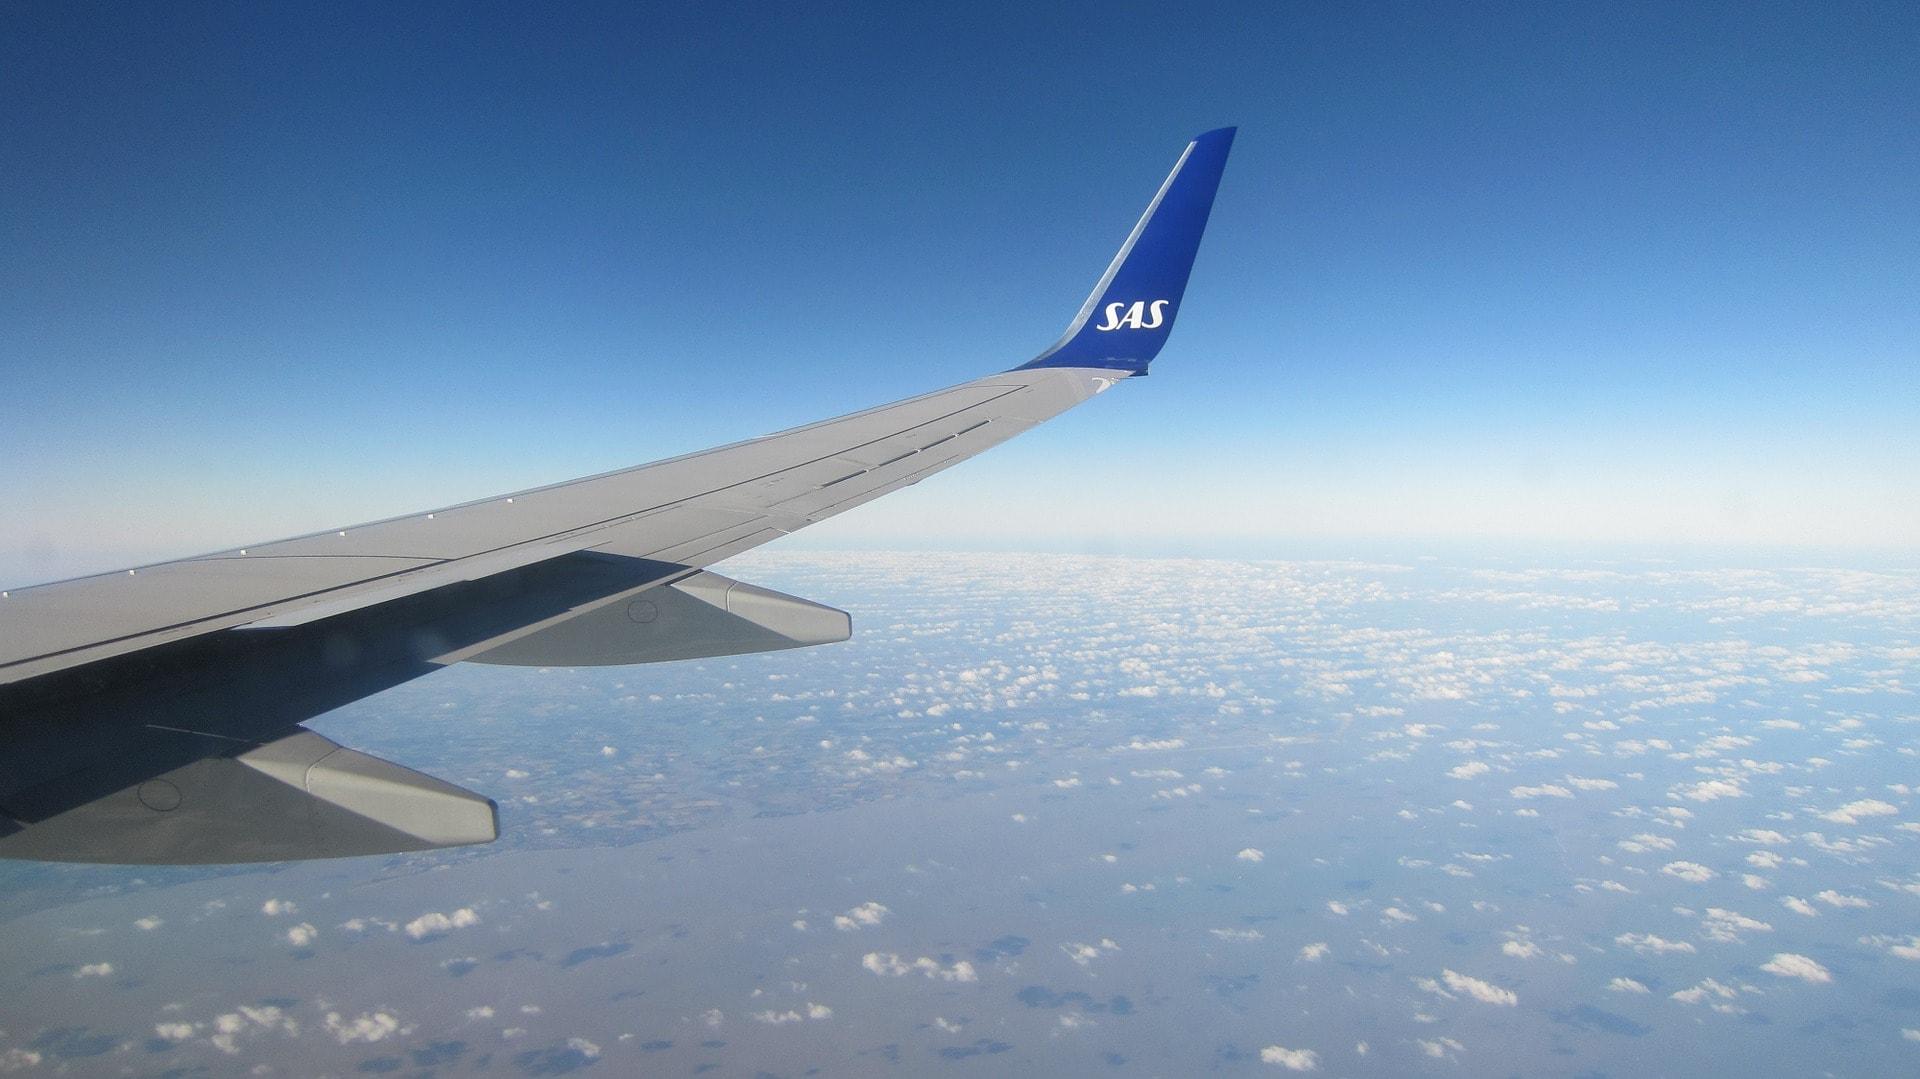 flygskam ist ein großer Trend in Skandinavien